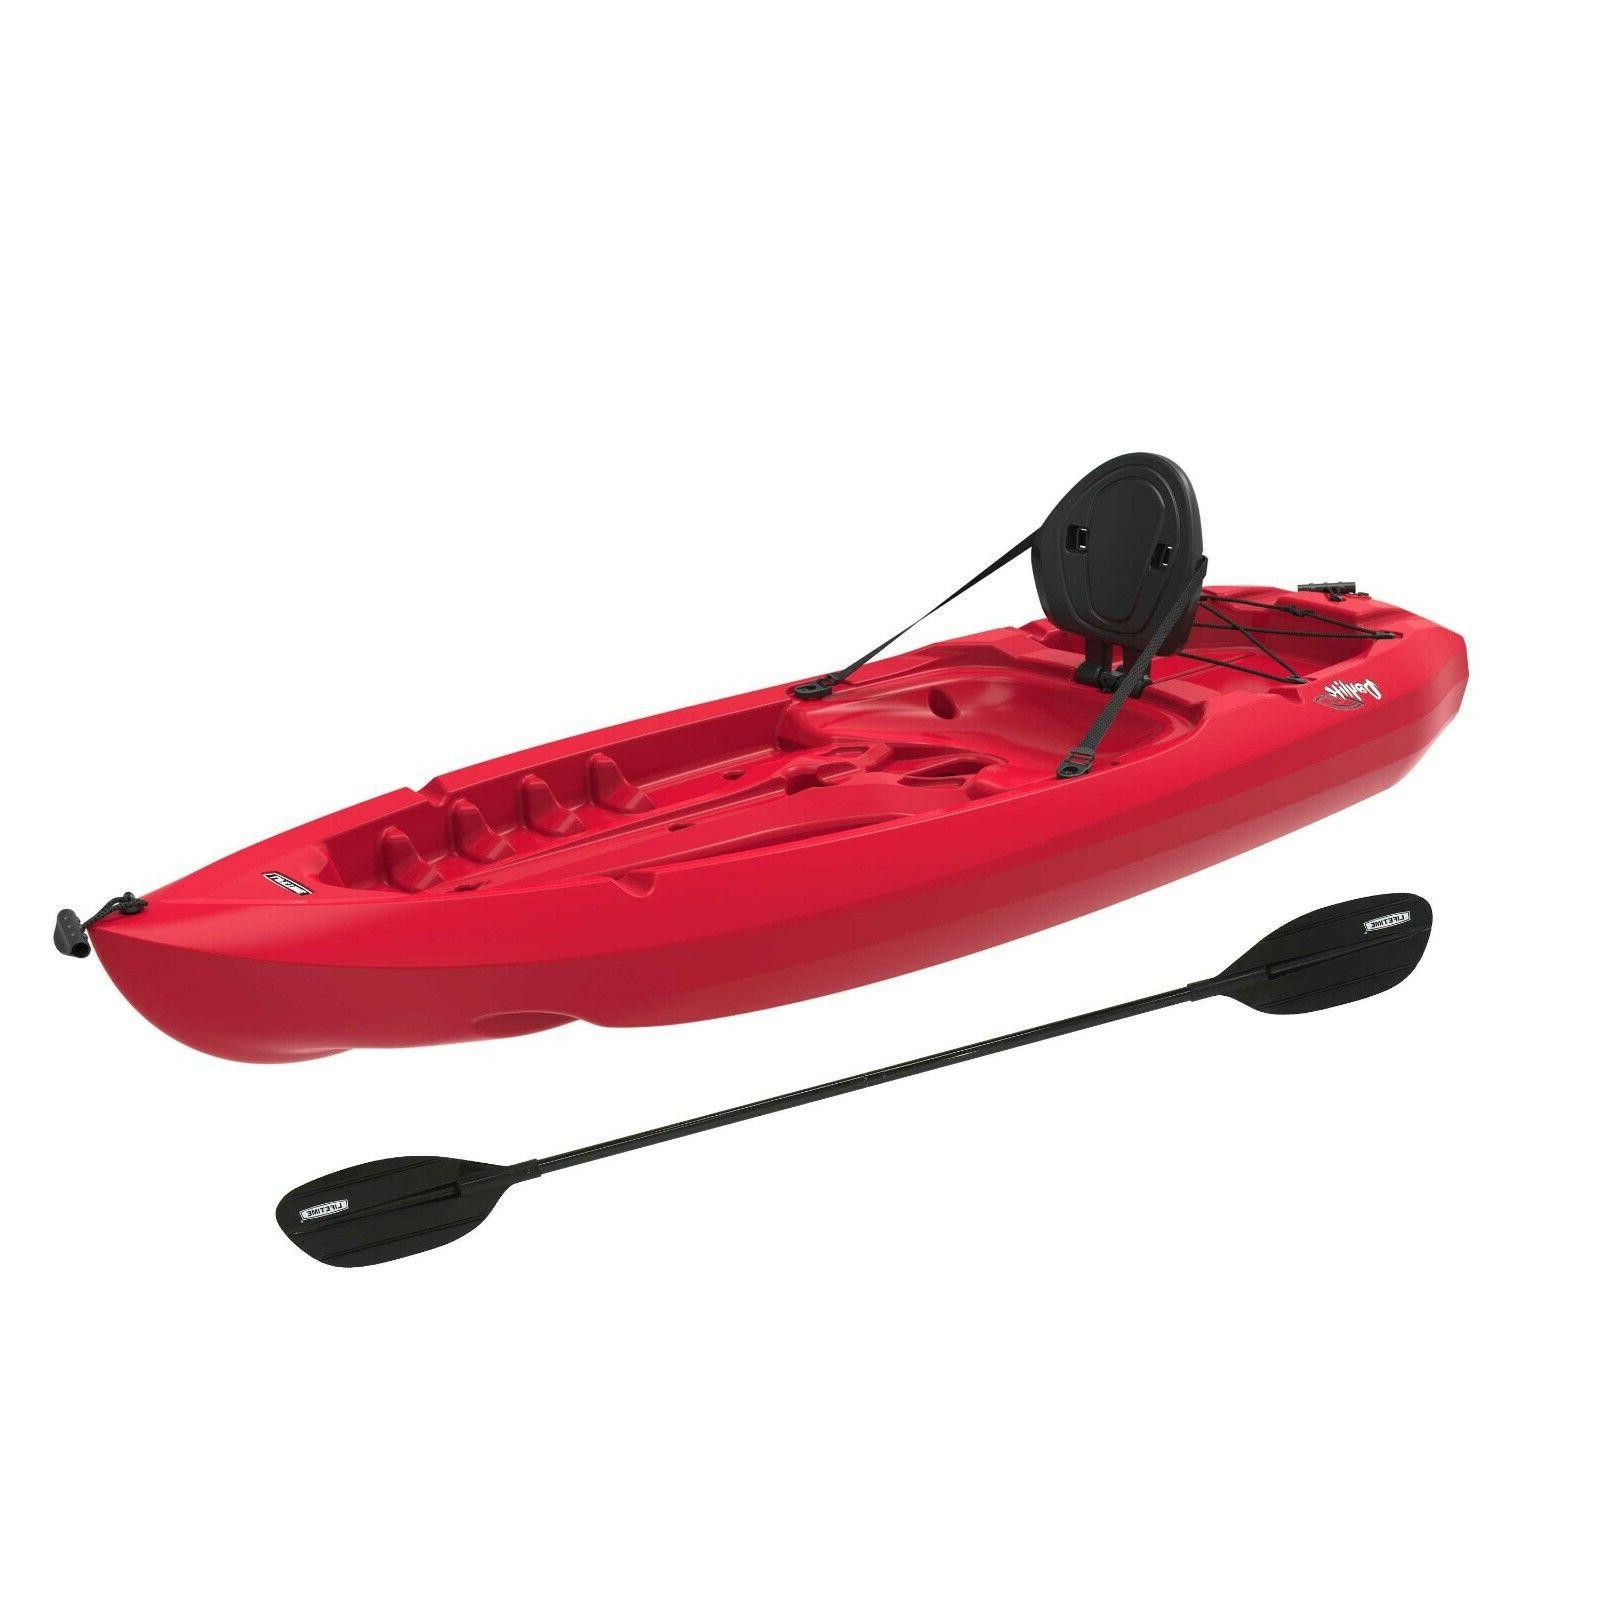 daylite 80 sit on top kayak red